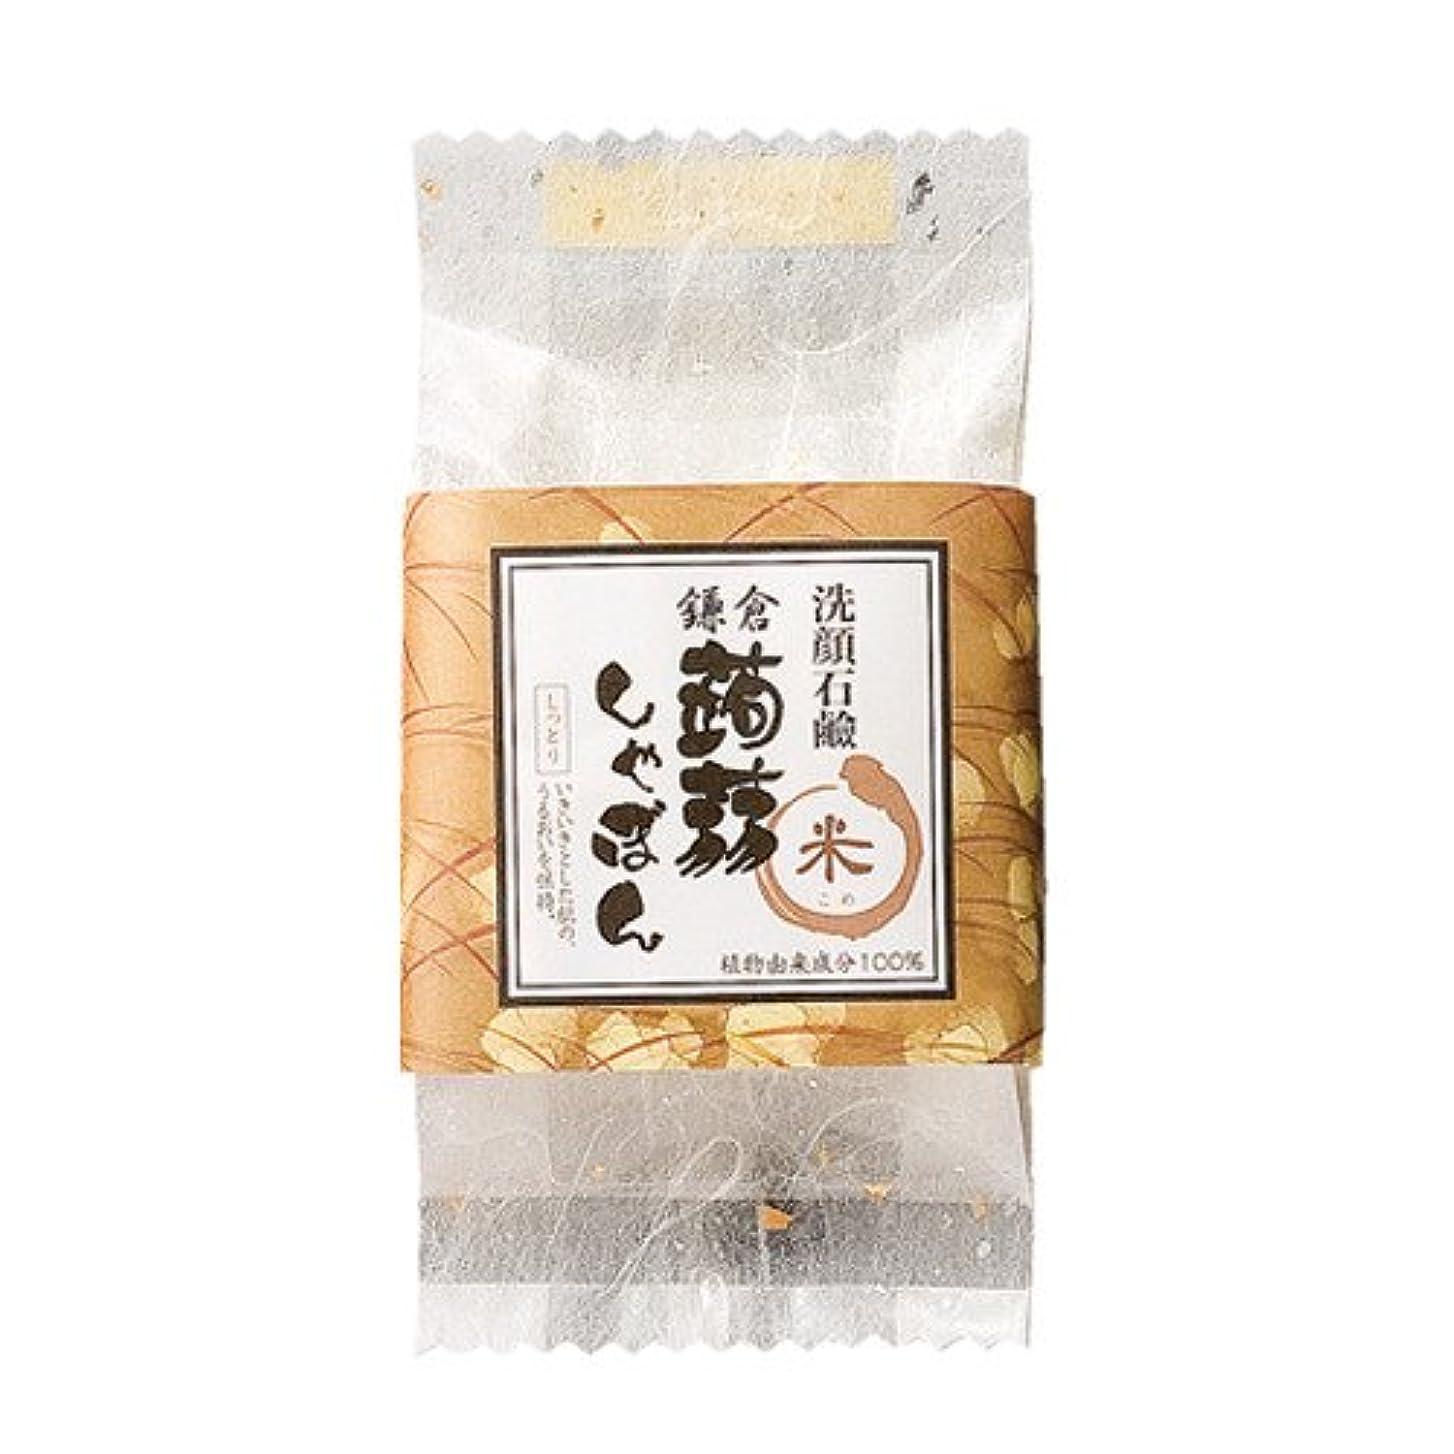 均等に毛布代表して鎌倉 蒟蒻しゃぼん 米